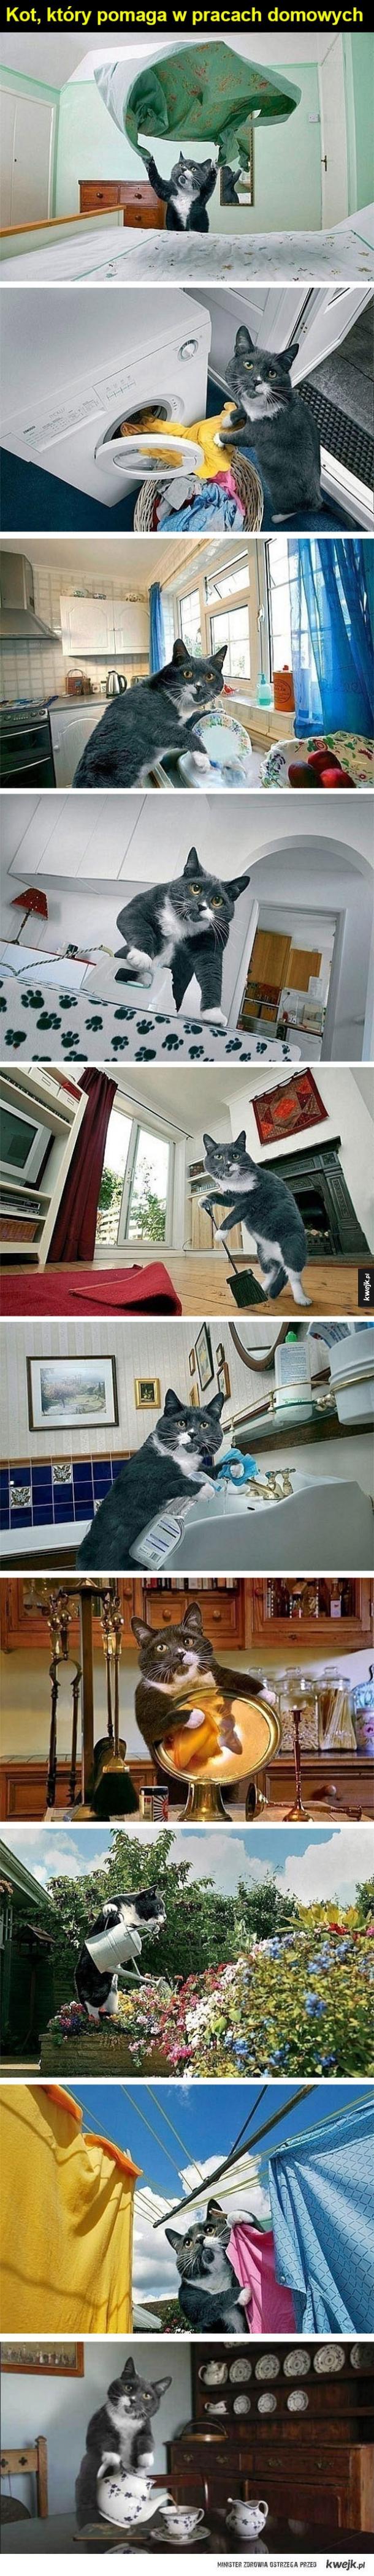 Pomocny koteł - Kot, który pomaga w pracach domowych